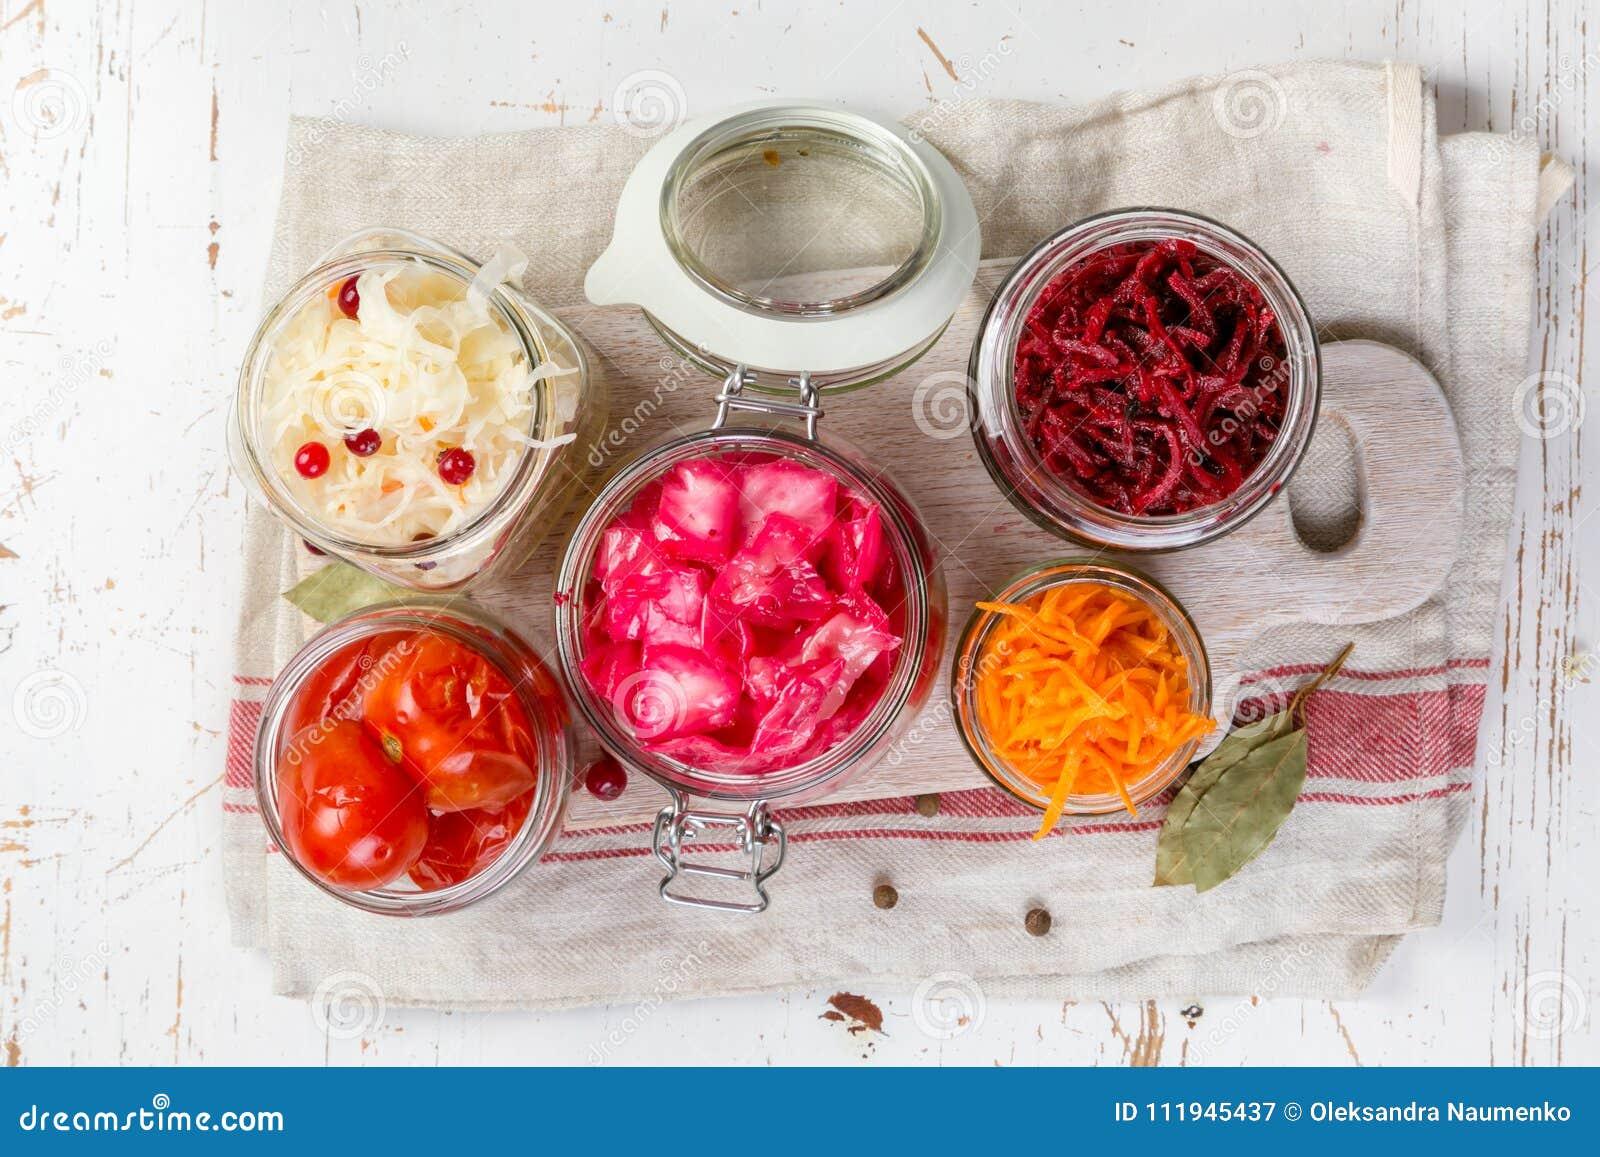 Επιλογή των ζυμωνομμένων τροφίμων - καρότο, λάχανο, ντομάτες, παντζάρια, διάστημα αντιγράφων